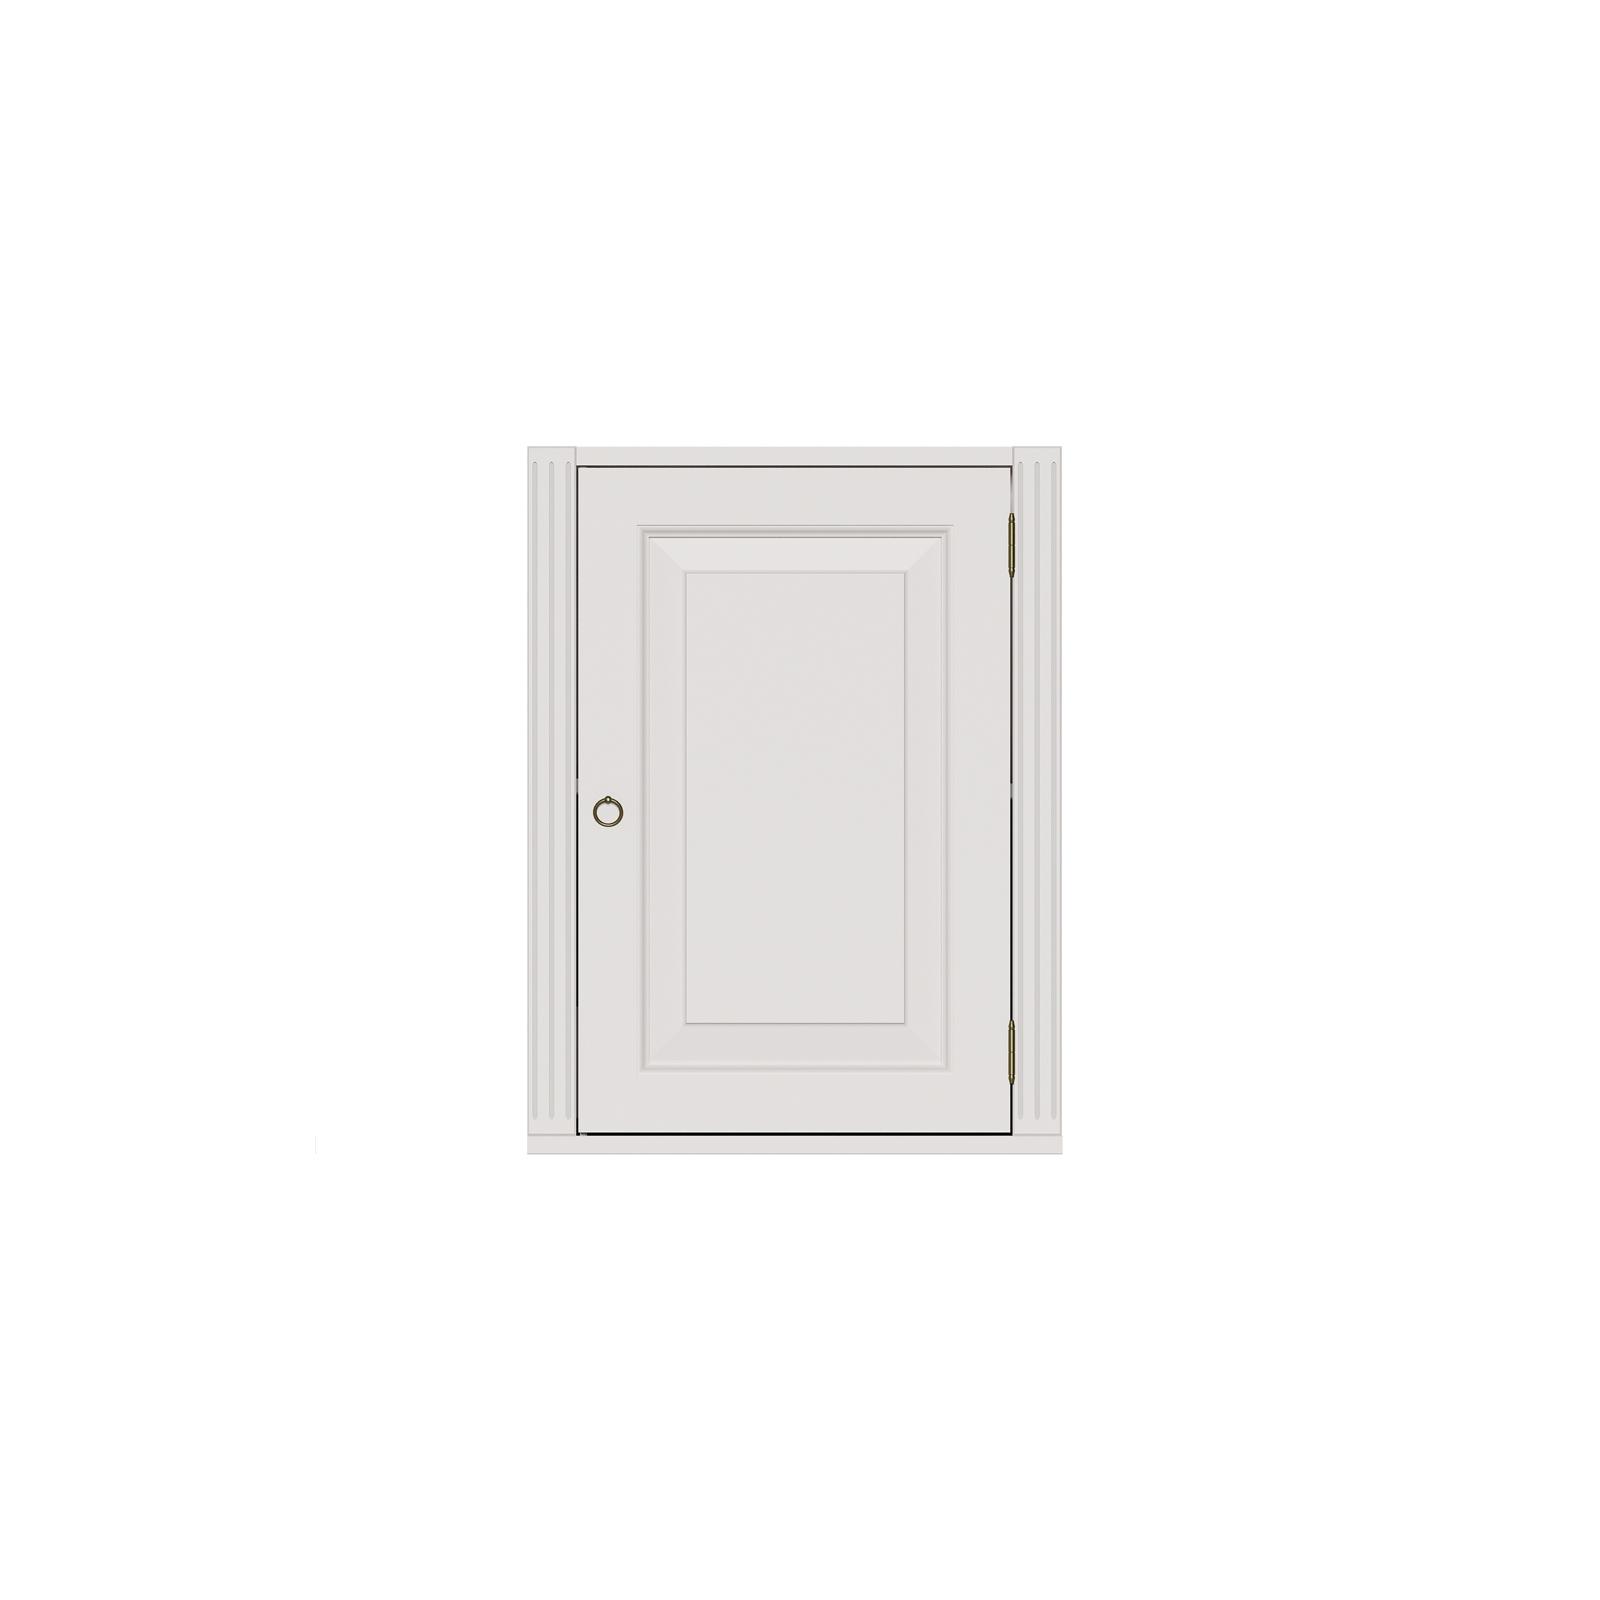 STOCKHOLM 1-SEKTION 1 dörr högerhängd